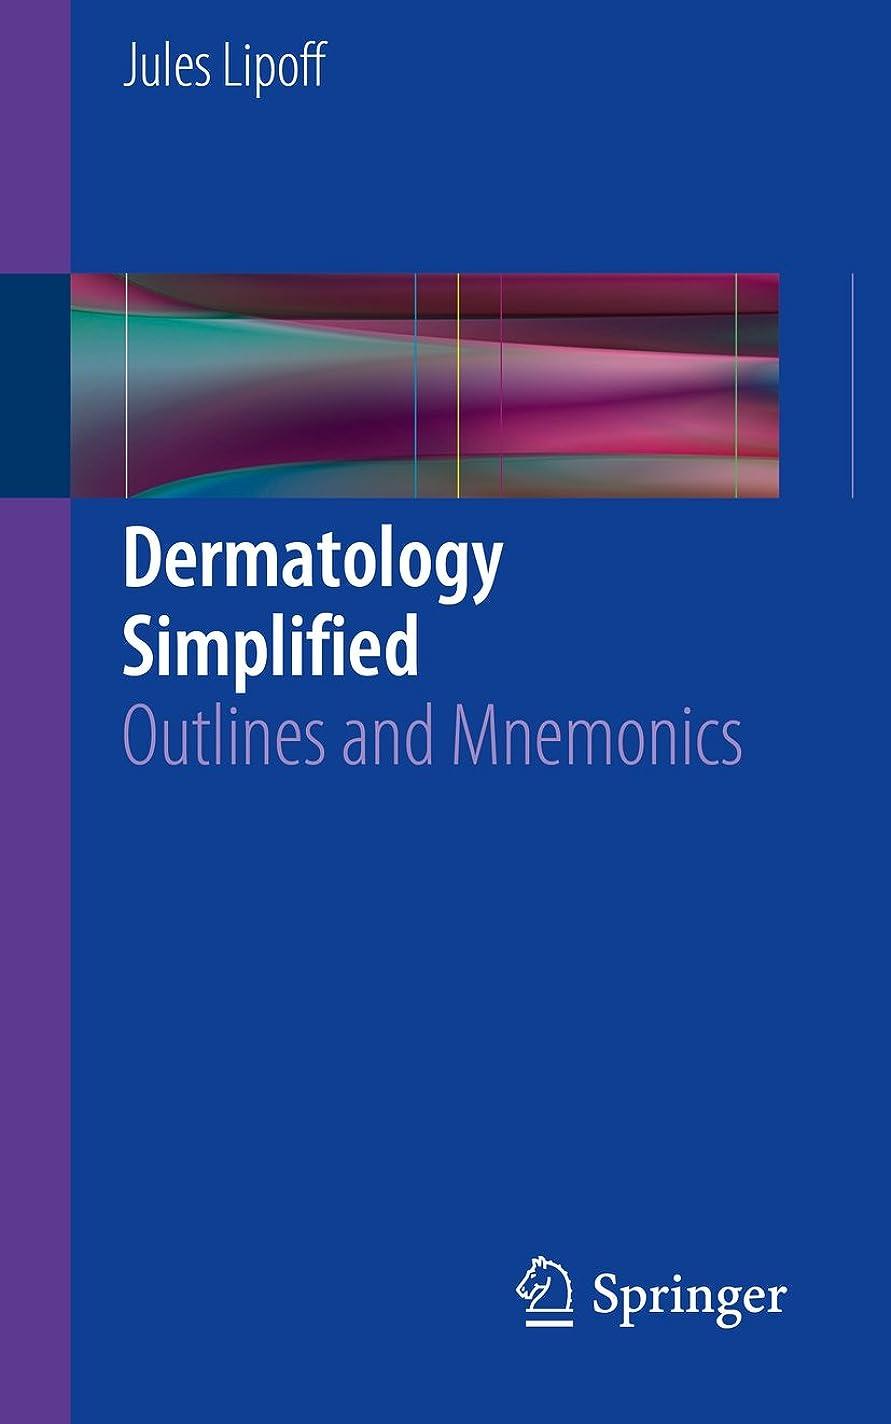 シエスタ交差点職業Dermatology Simplified: Outlines and Mnemonics (English Edition)